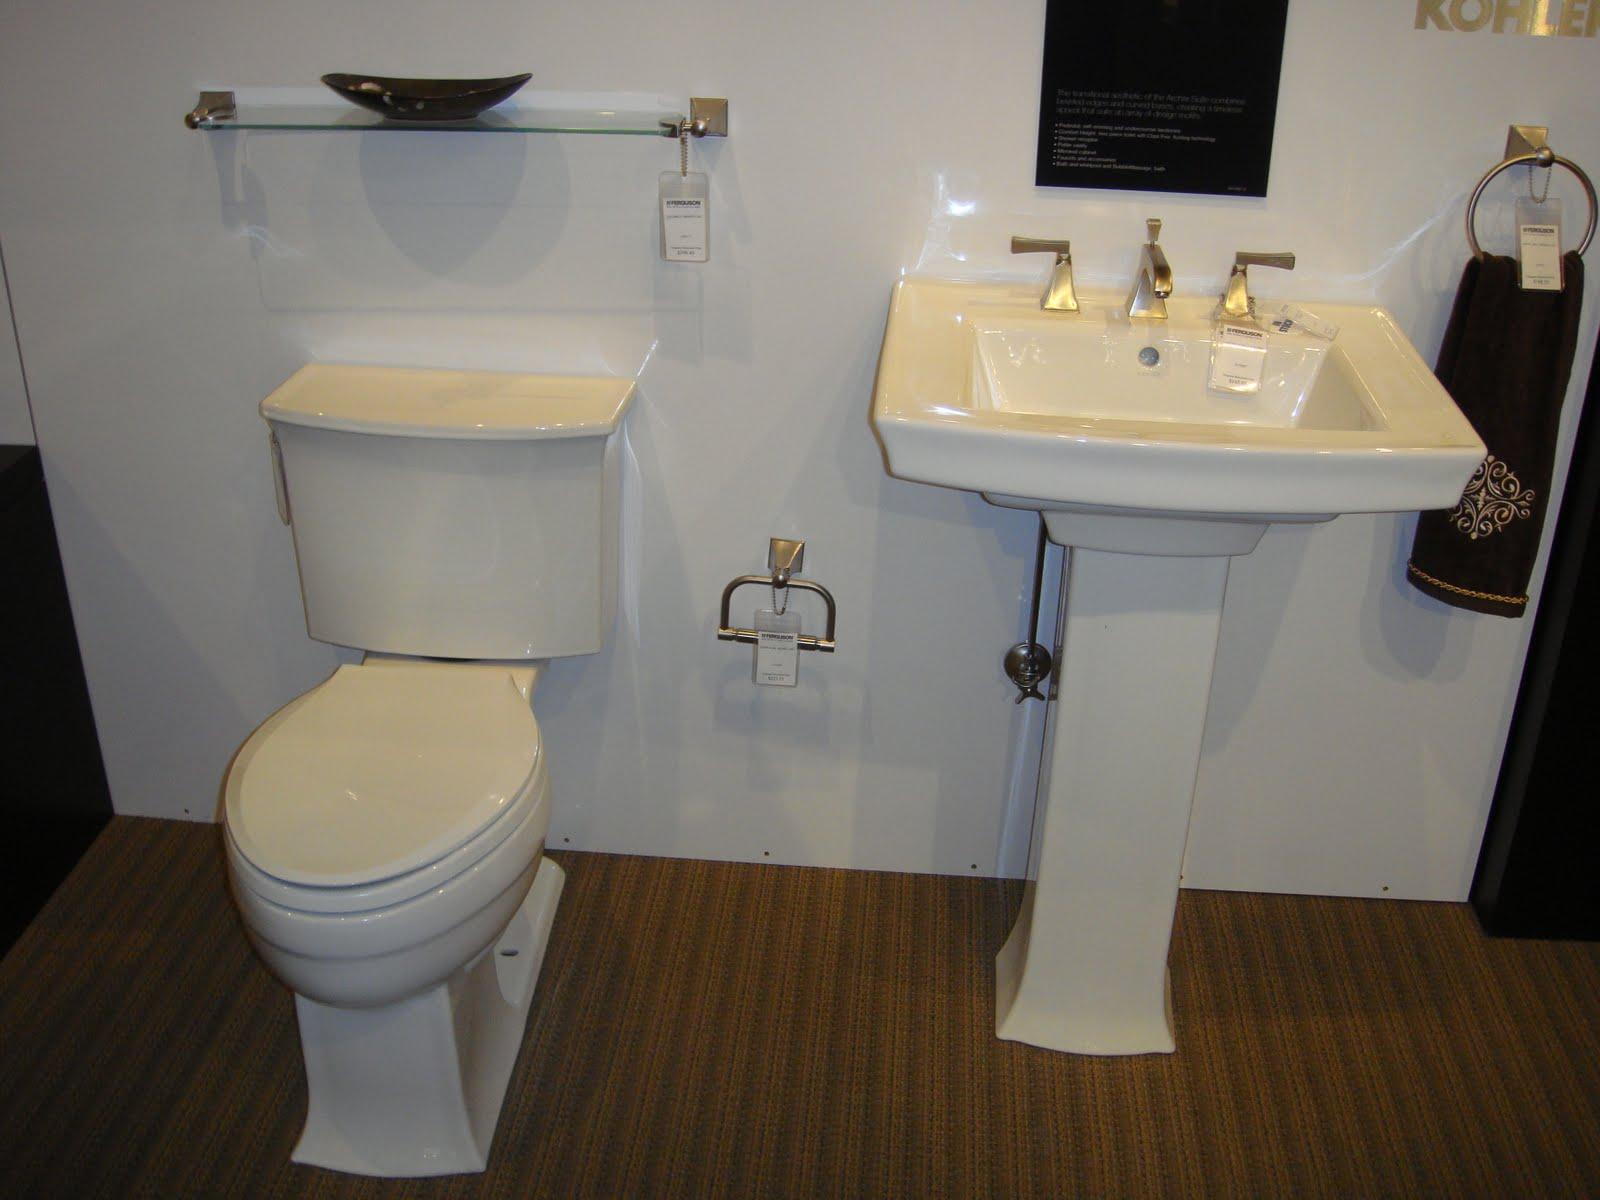 Kohler Archer Toilet Kohler Archer Pedestal Sink